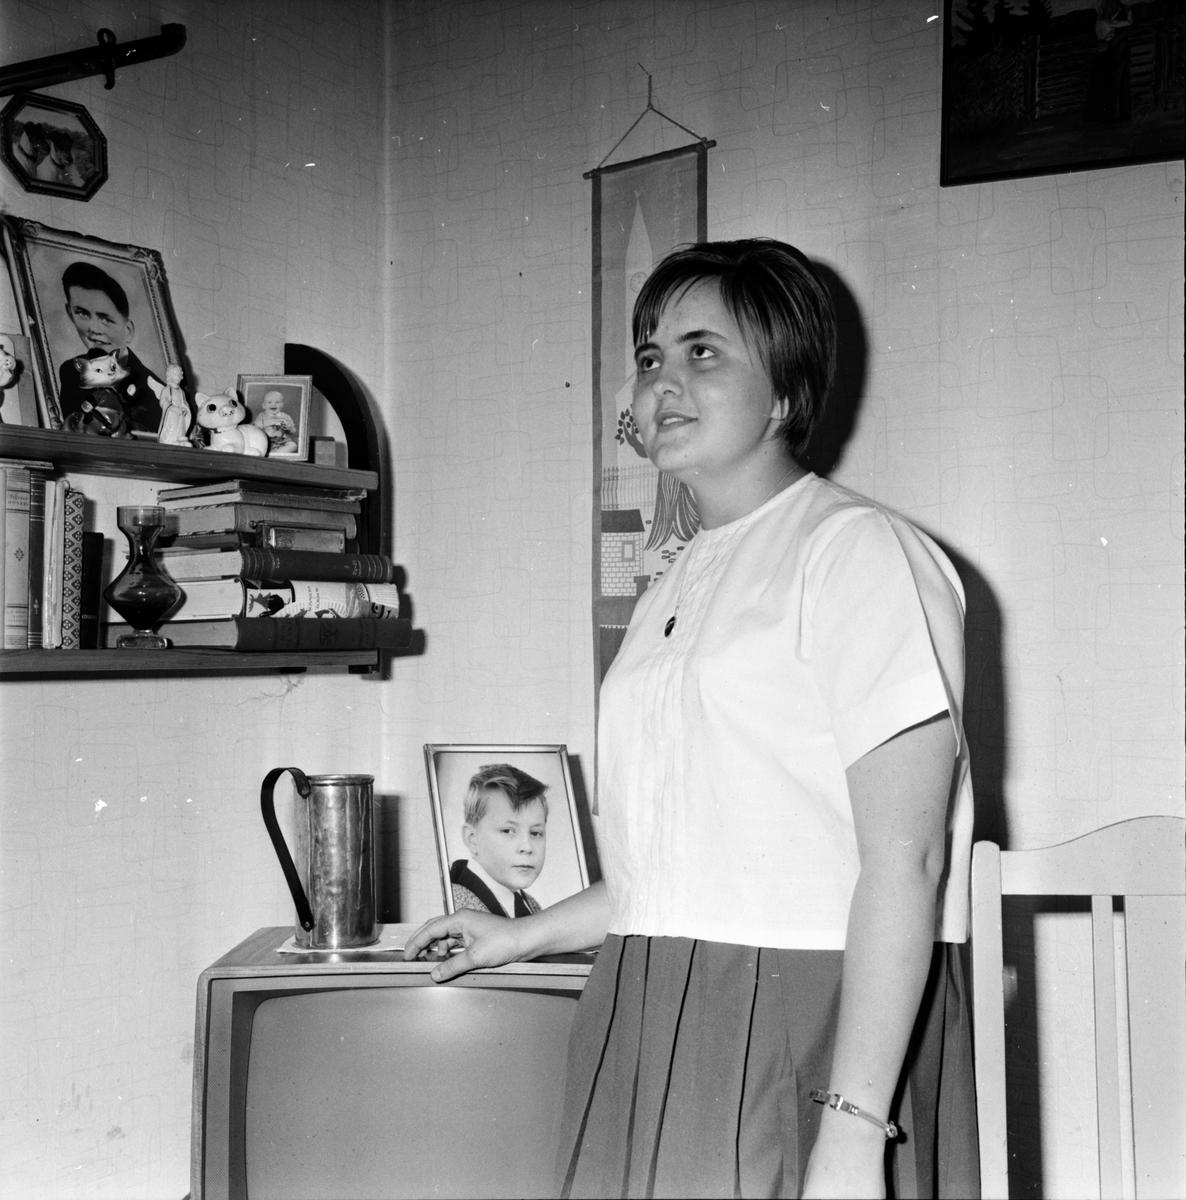 Wiger Sonja, Pol.sjuk, Järvsö, 11 Mars 1964